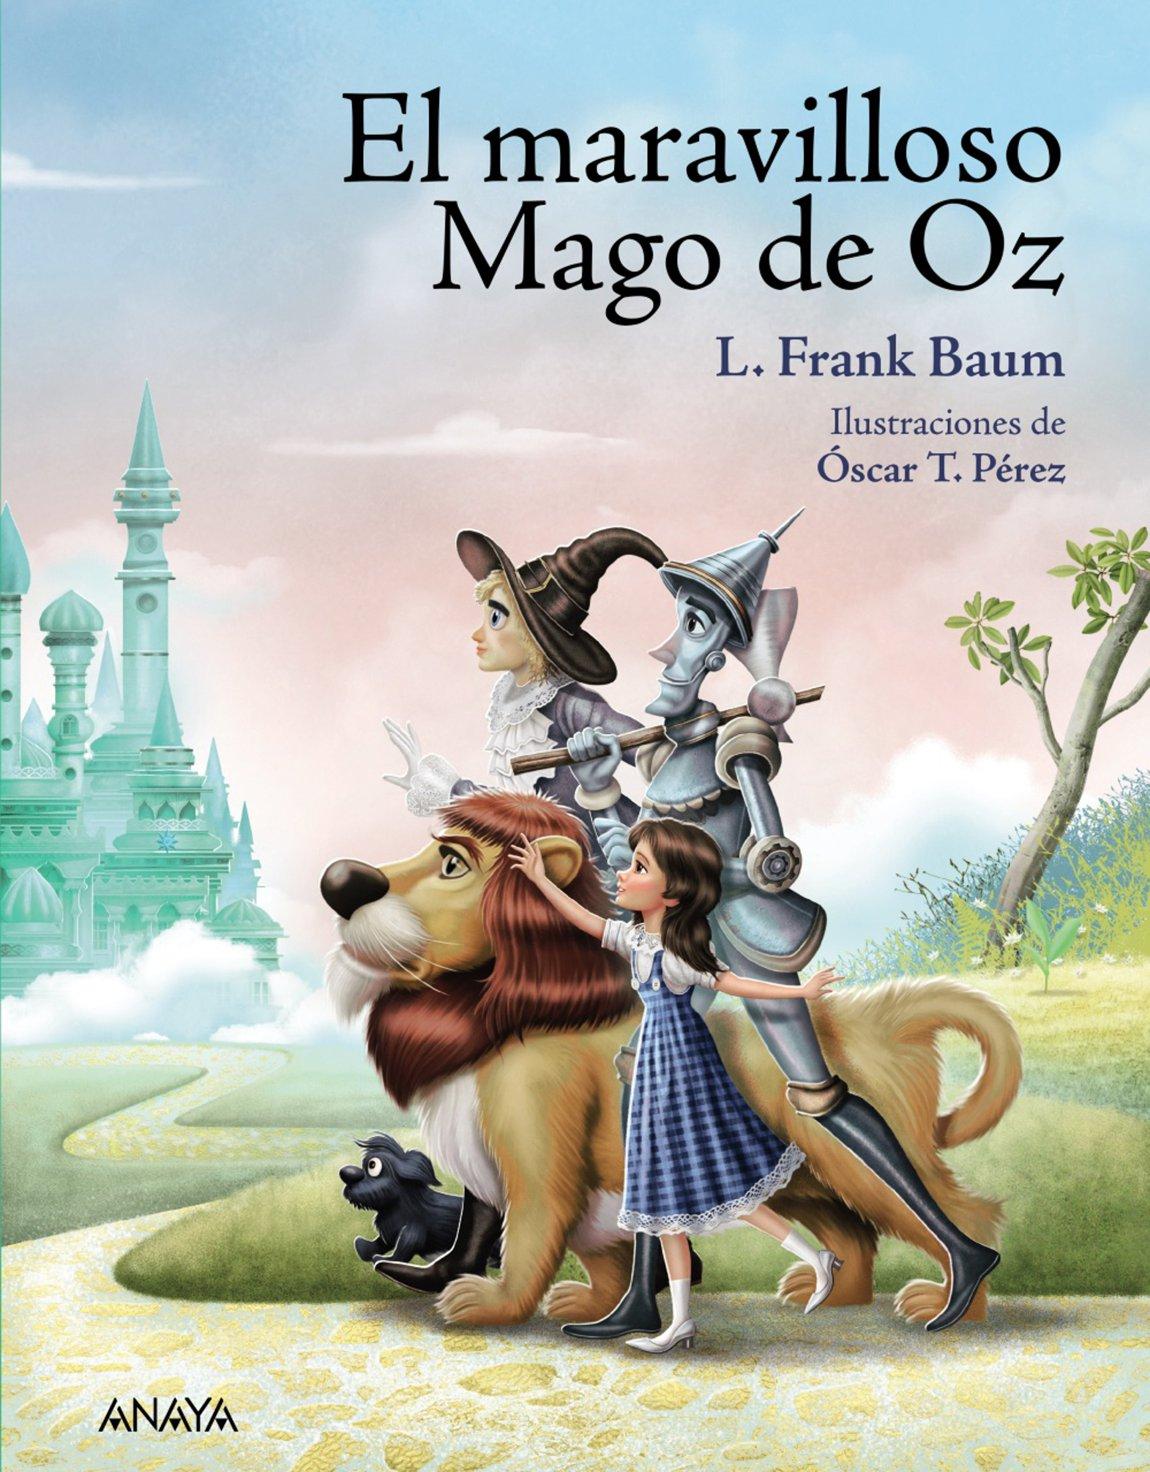 'El maravilloso mago de Oz, de L. Frank Baum (Anaya)